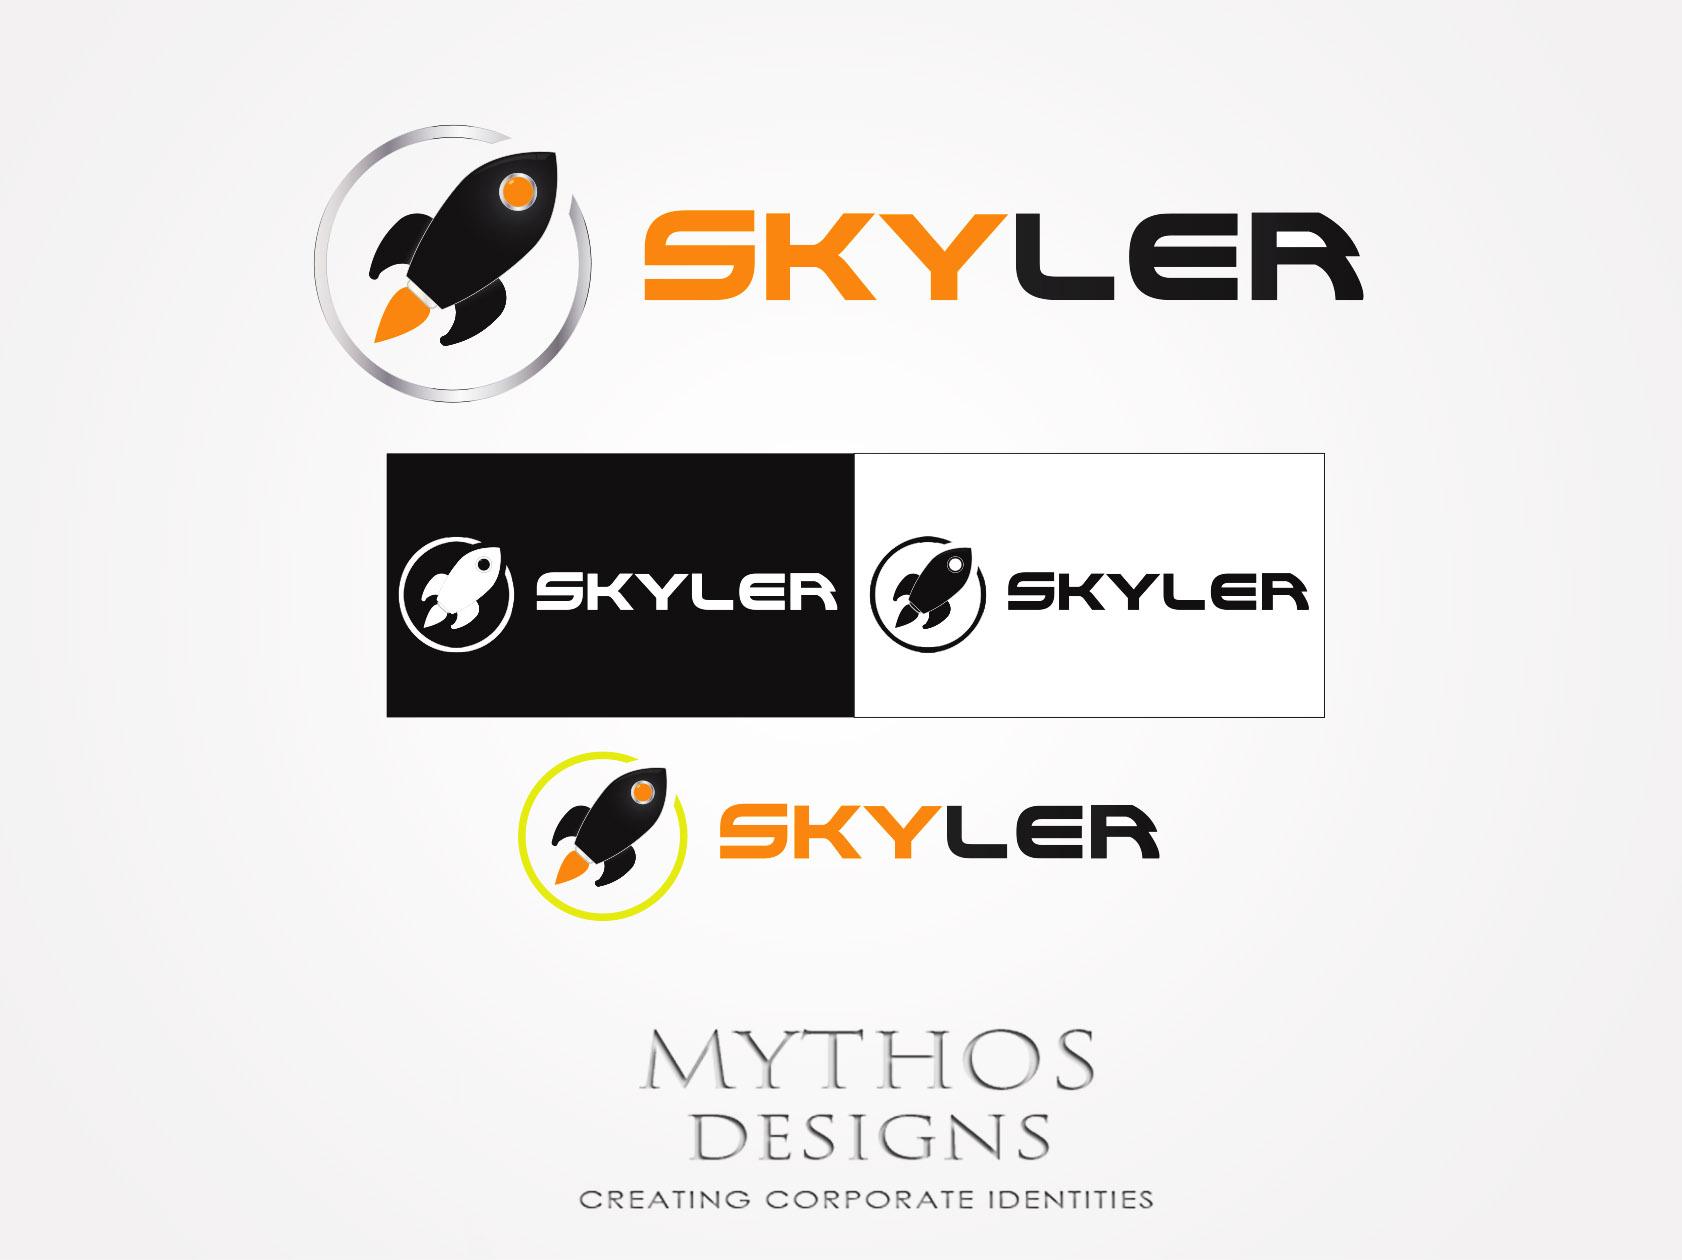 Logo Design by Mythos Designs - Entry No. 216 in the Logo Design Contest Artistic Logo Design for Skyler.Asia.